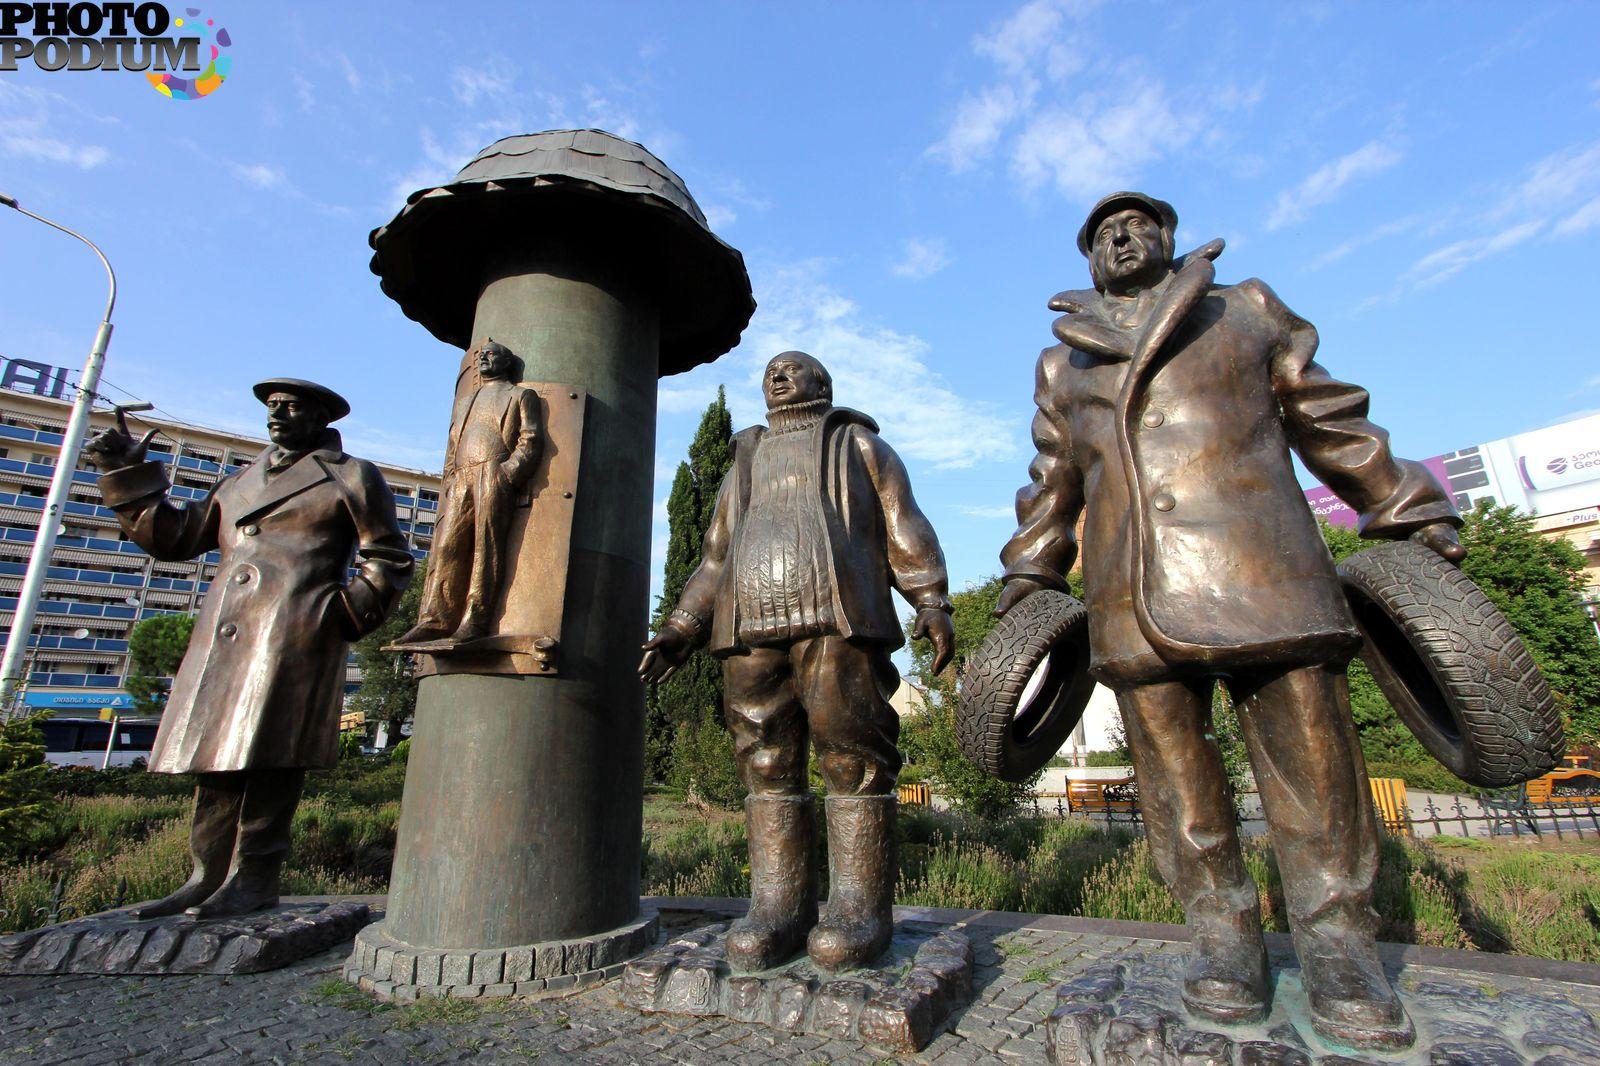 разбросано скульптуры церетели в волгограде с фото так понимаю сторонник